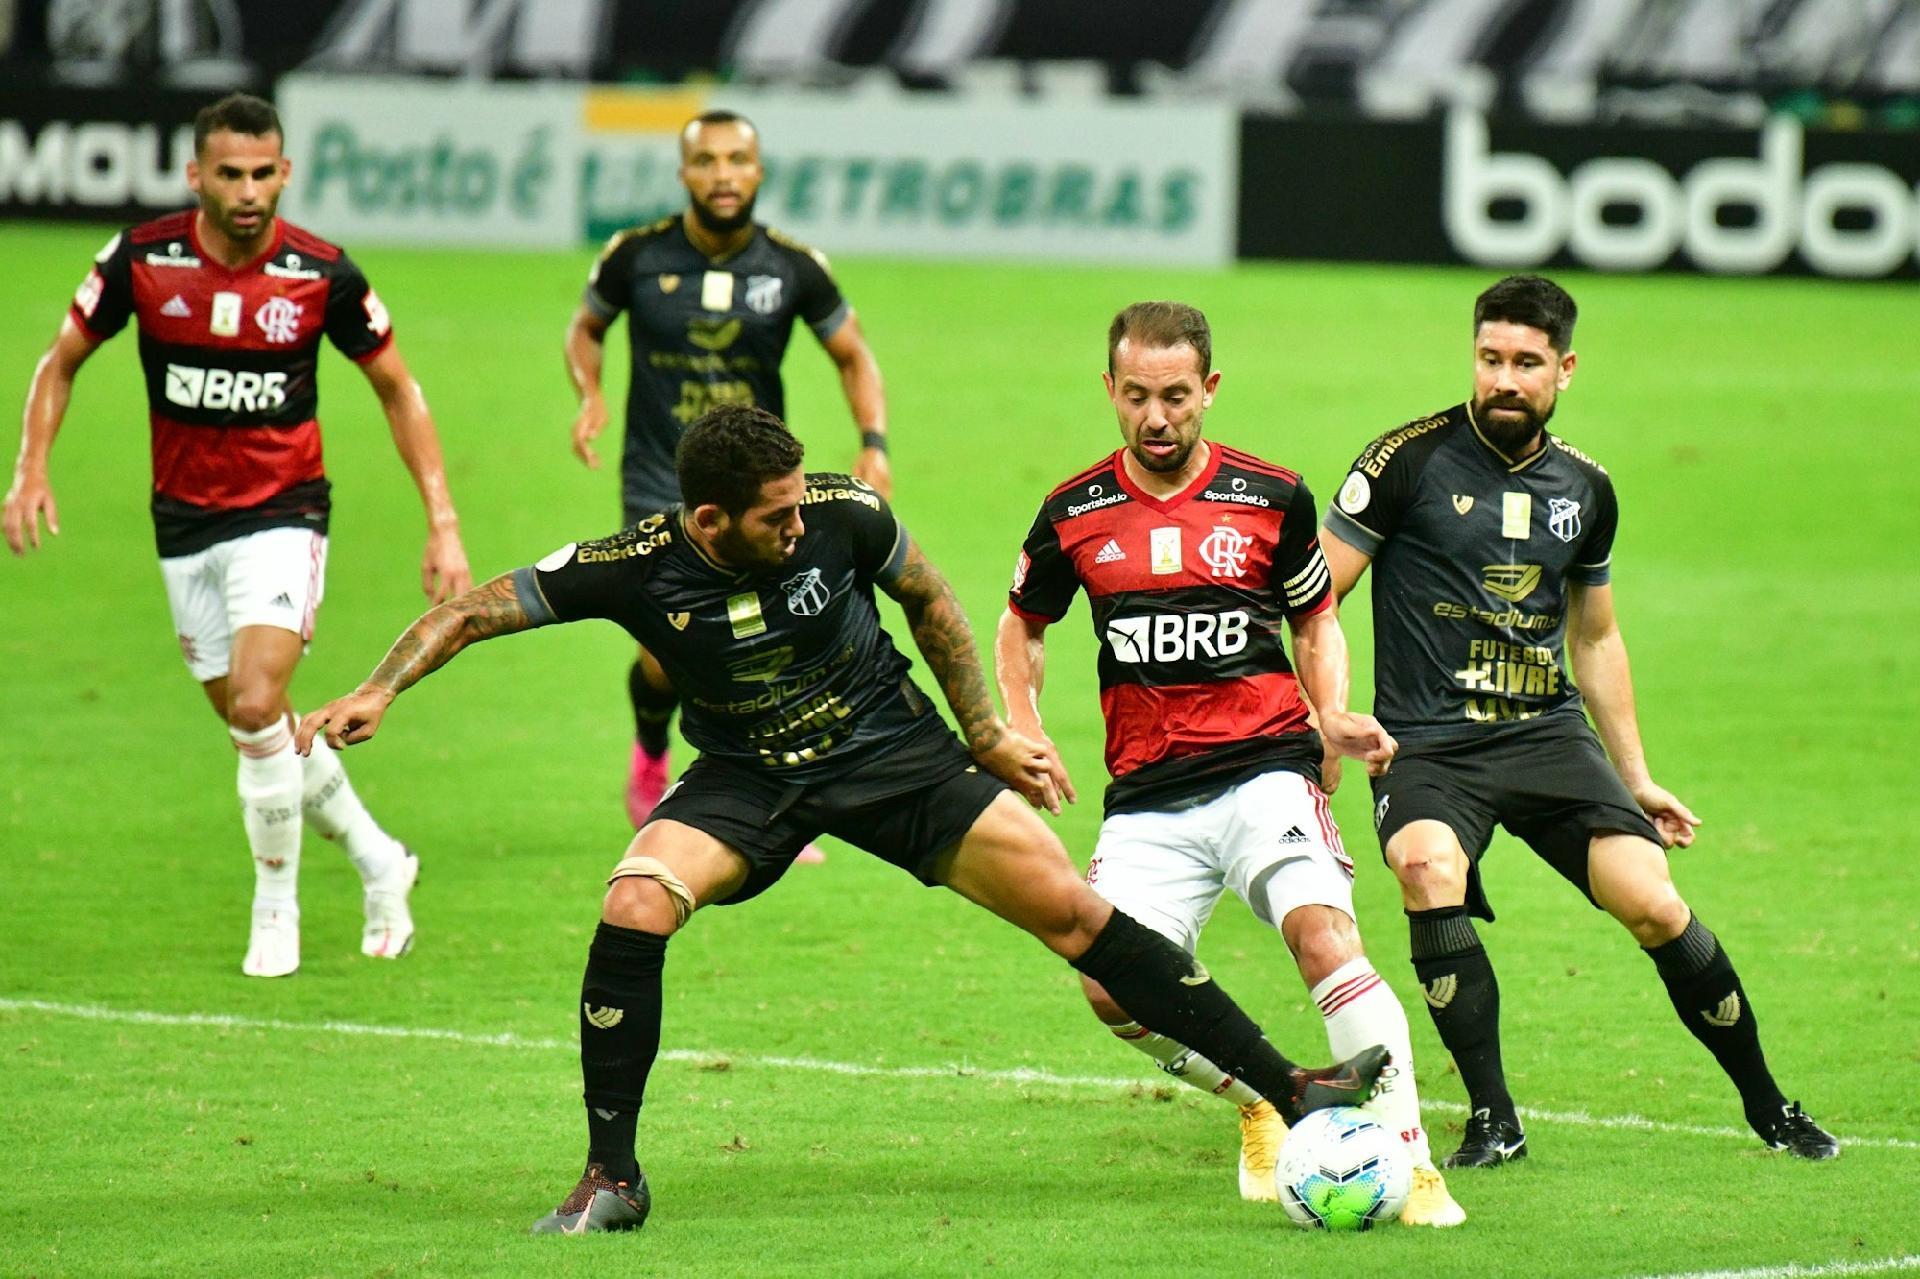 Flamengo Perde Para O Ceara E Ve Fim De Sequencia De Vitorias No Brasileiro 13 09 2020 Uol Esporte